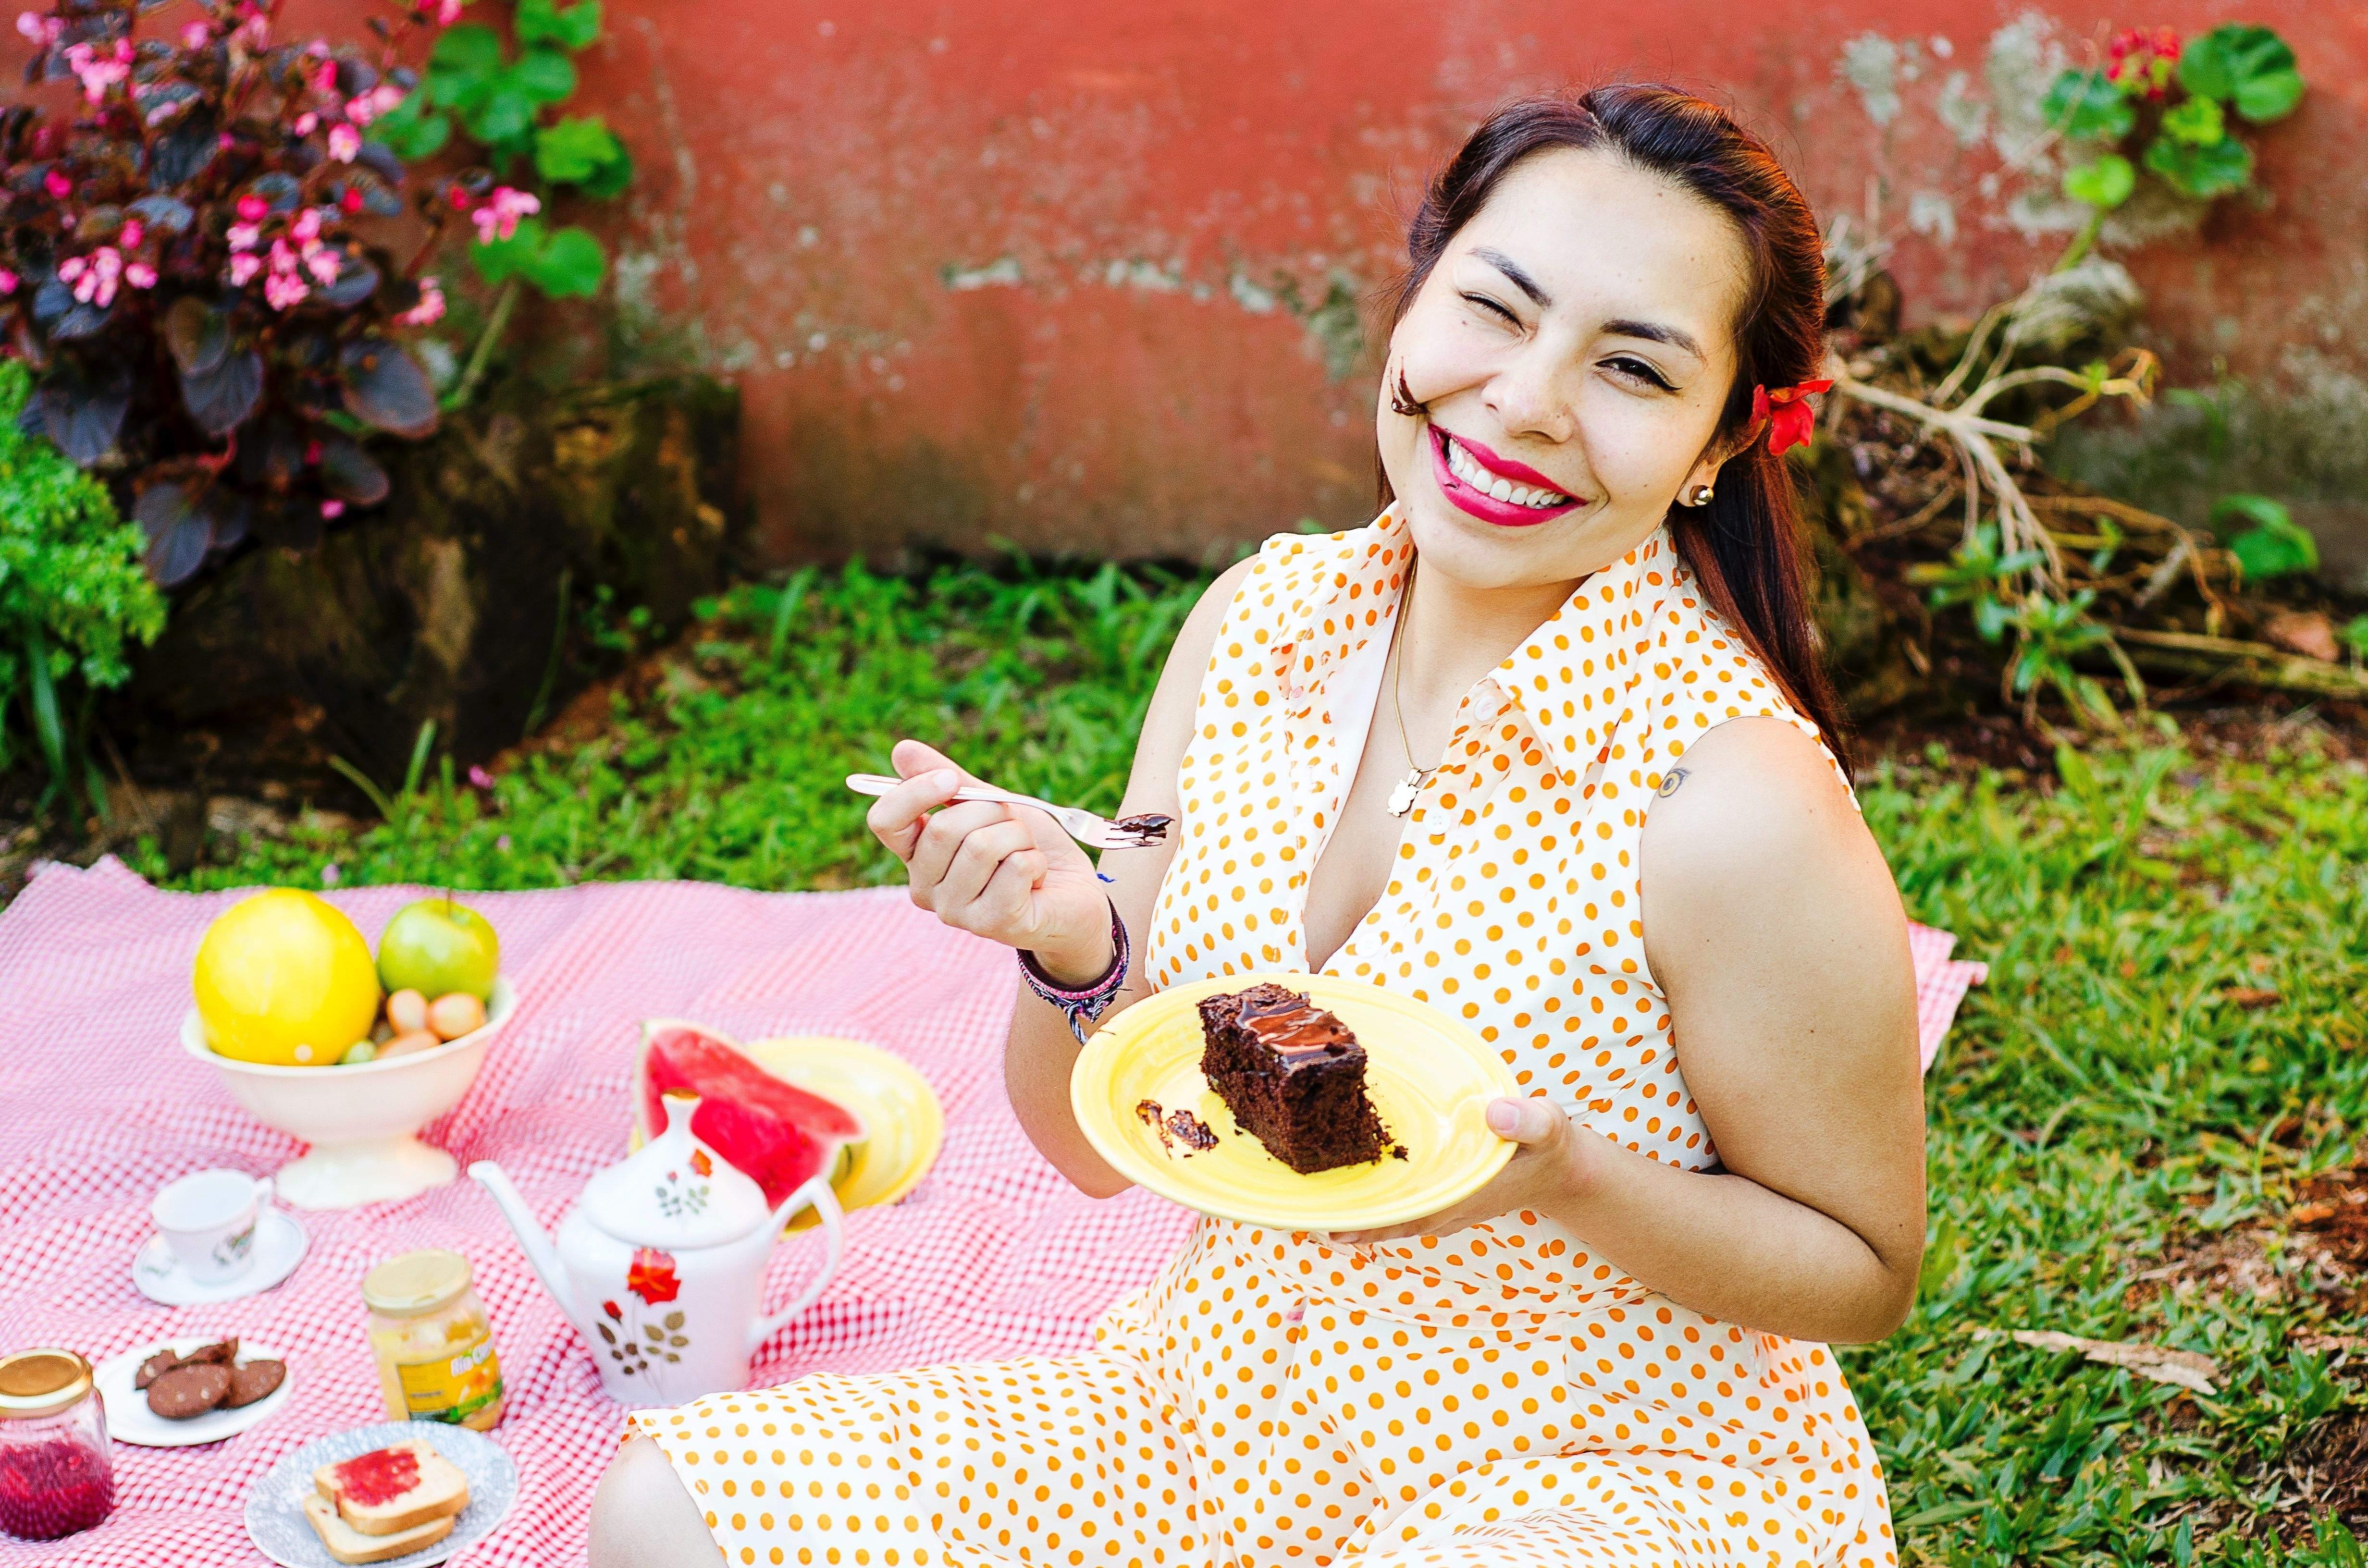 Гормон щастя виділяється і від солодощів